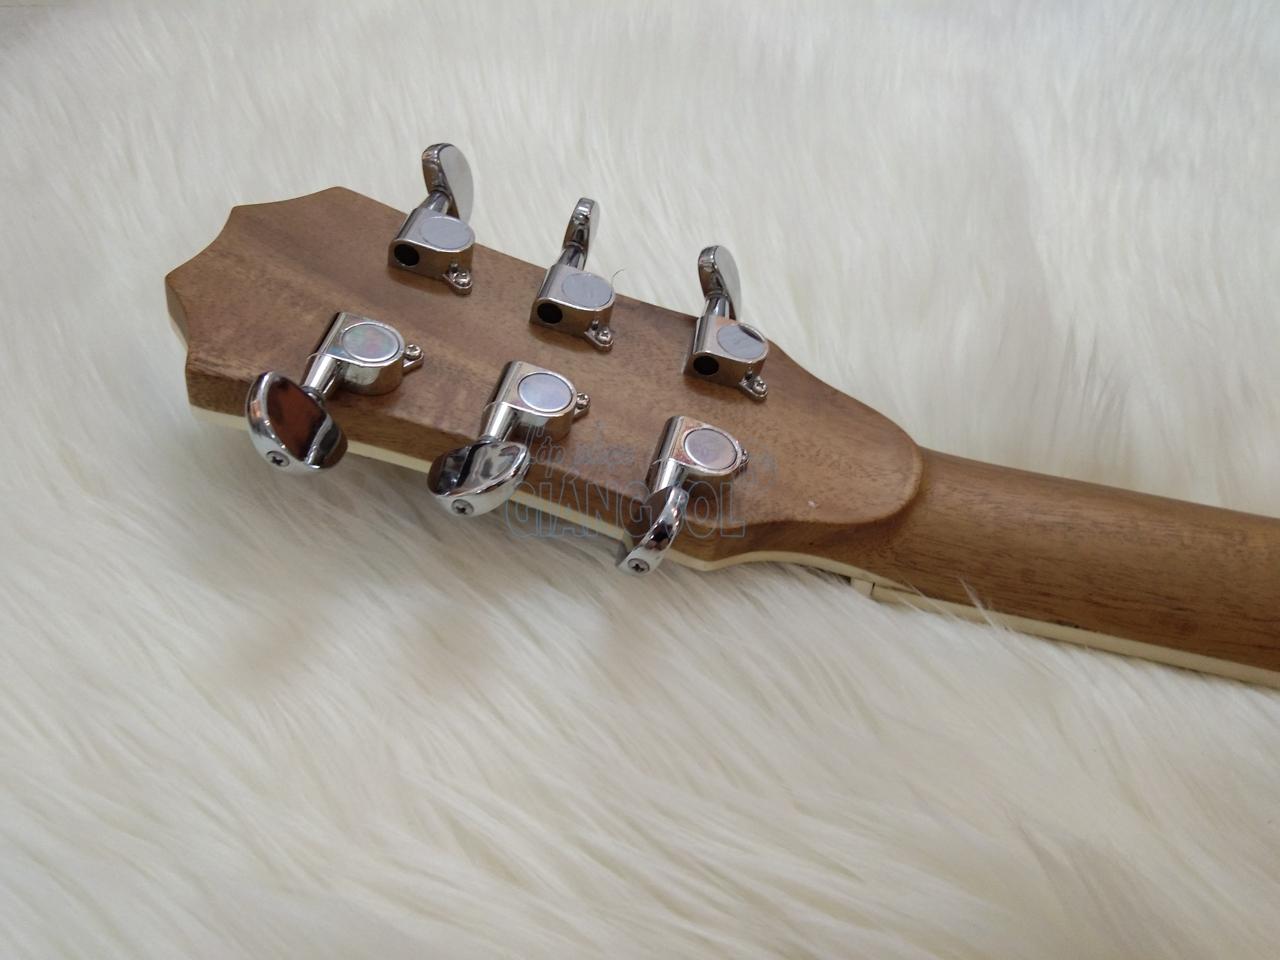 Bán đàn Guitar Acoustic GSA60D    Shop Nhạc Cụ Giáng Sol Quận 12, địa chỉ bán đàn guitar ở quận 12, cơ sở bán đàn guitar giá rẻ, bán đàn guitar quận 12, shop guitar acoustic, shop đàn, bán đàn ukulele quận 12, bán đàn piano quận 12